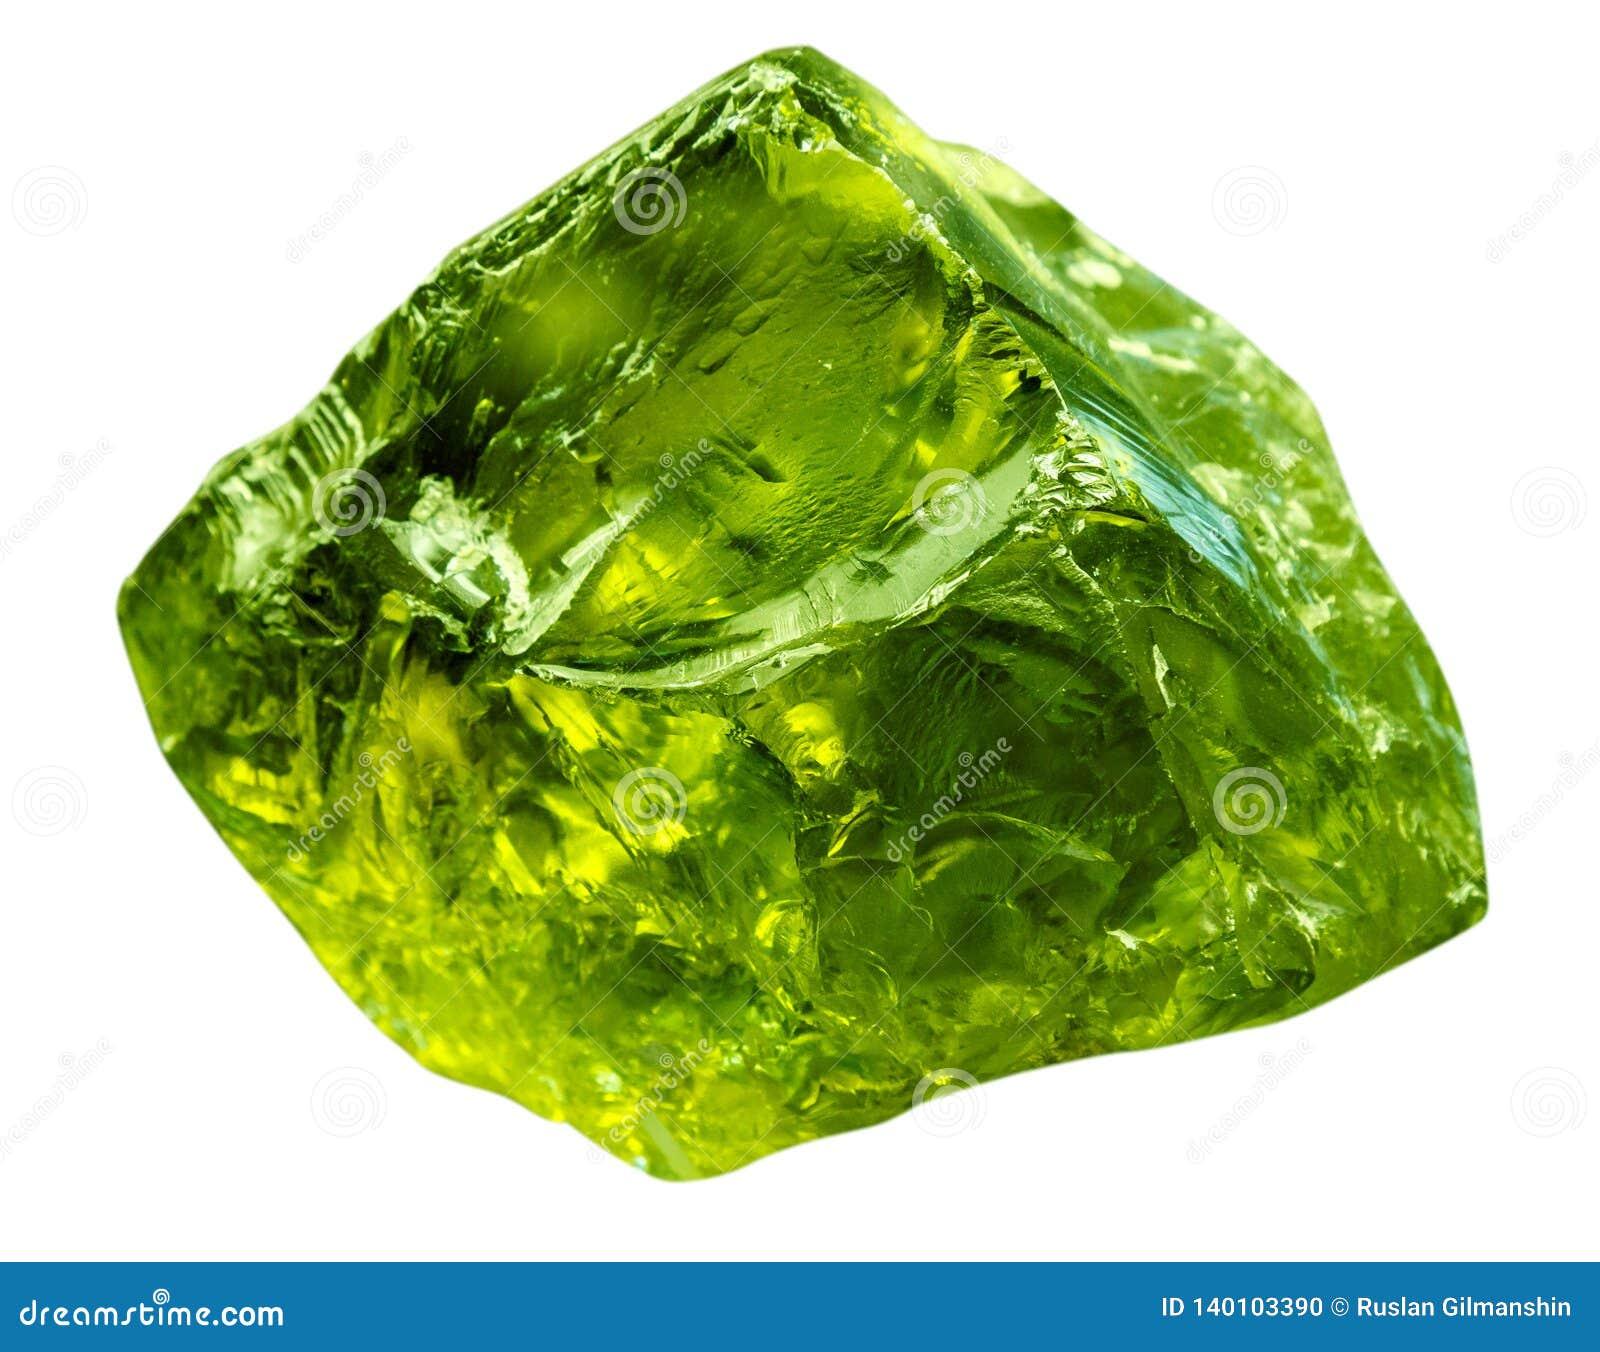 Pedra de gema esmeralda mineral Pedra preciosa verde da rocha preciosa isolada no fundo branco Brilhante cru brilhante transparen